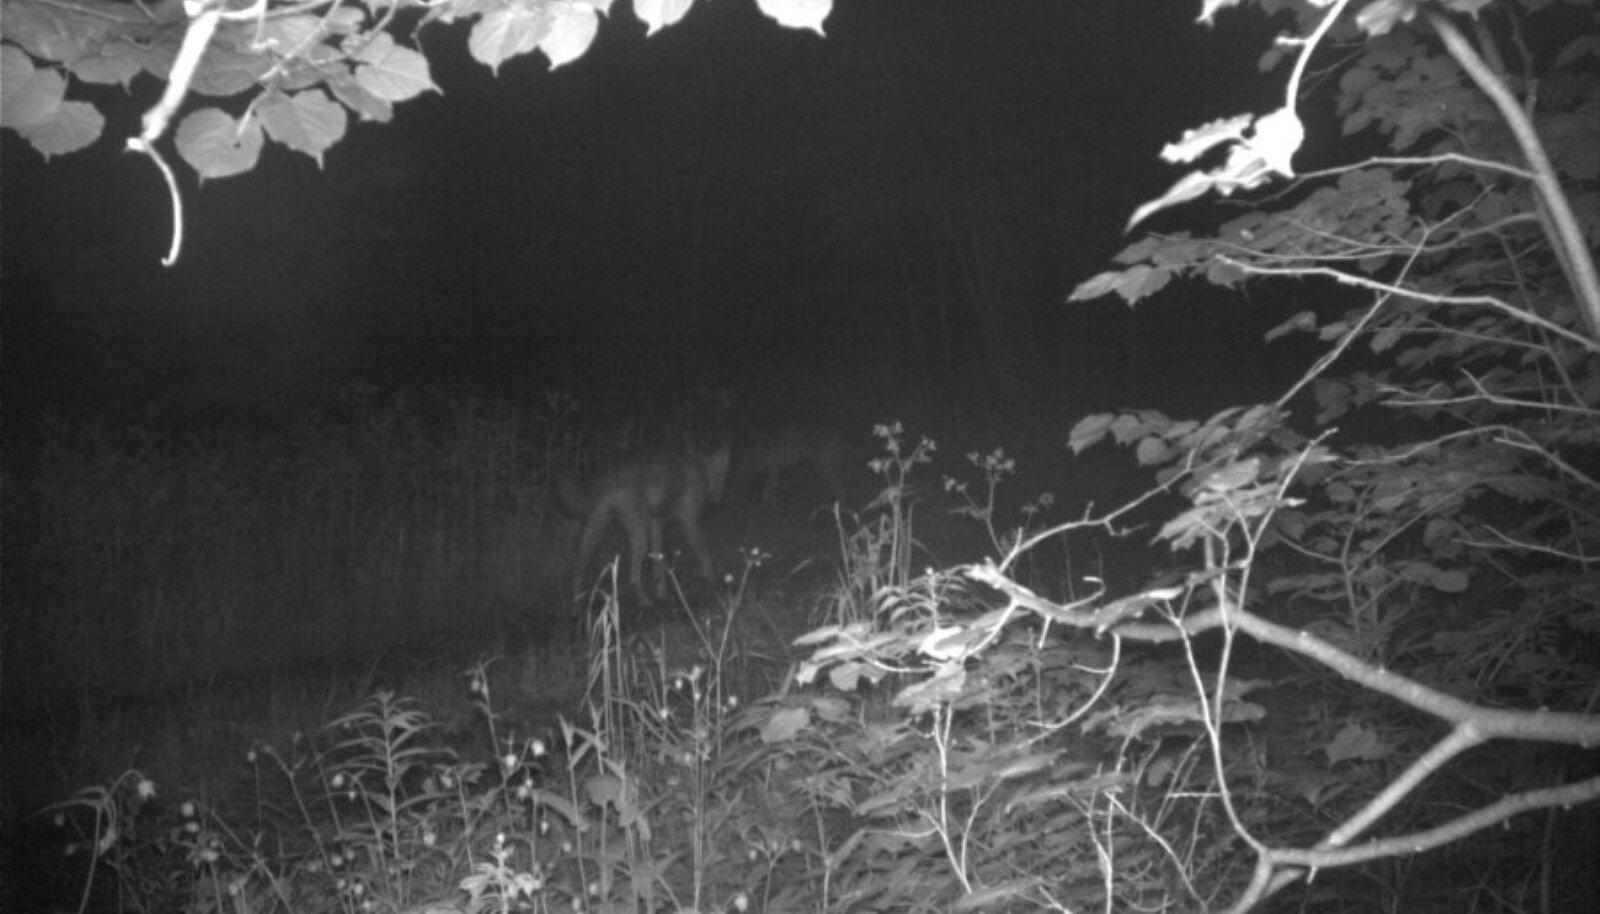 24 tundi enne kadumist salvestas Keskkonnaagentuuri ulukikaamera Sindi hundist ja ta kaaslasest viimase teadaoleva pildi.